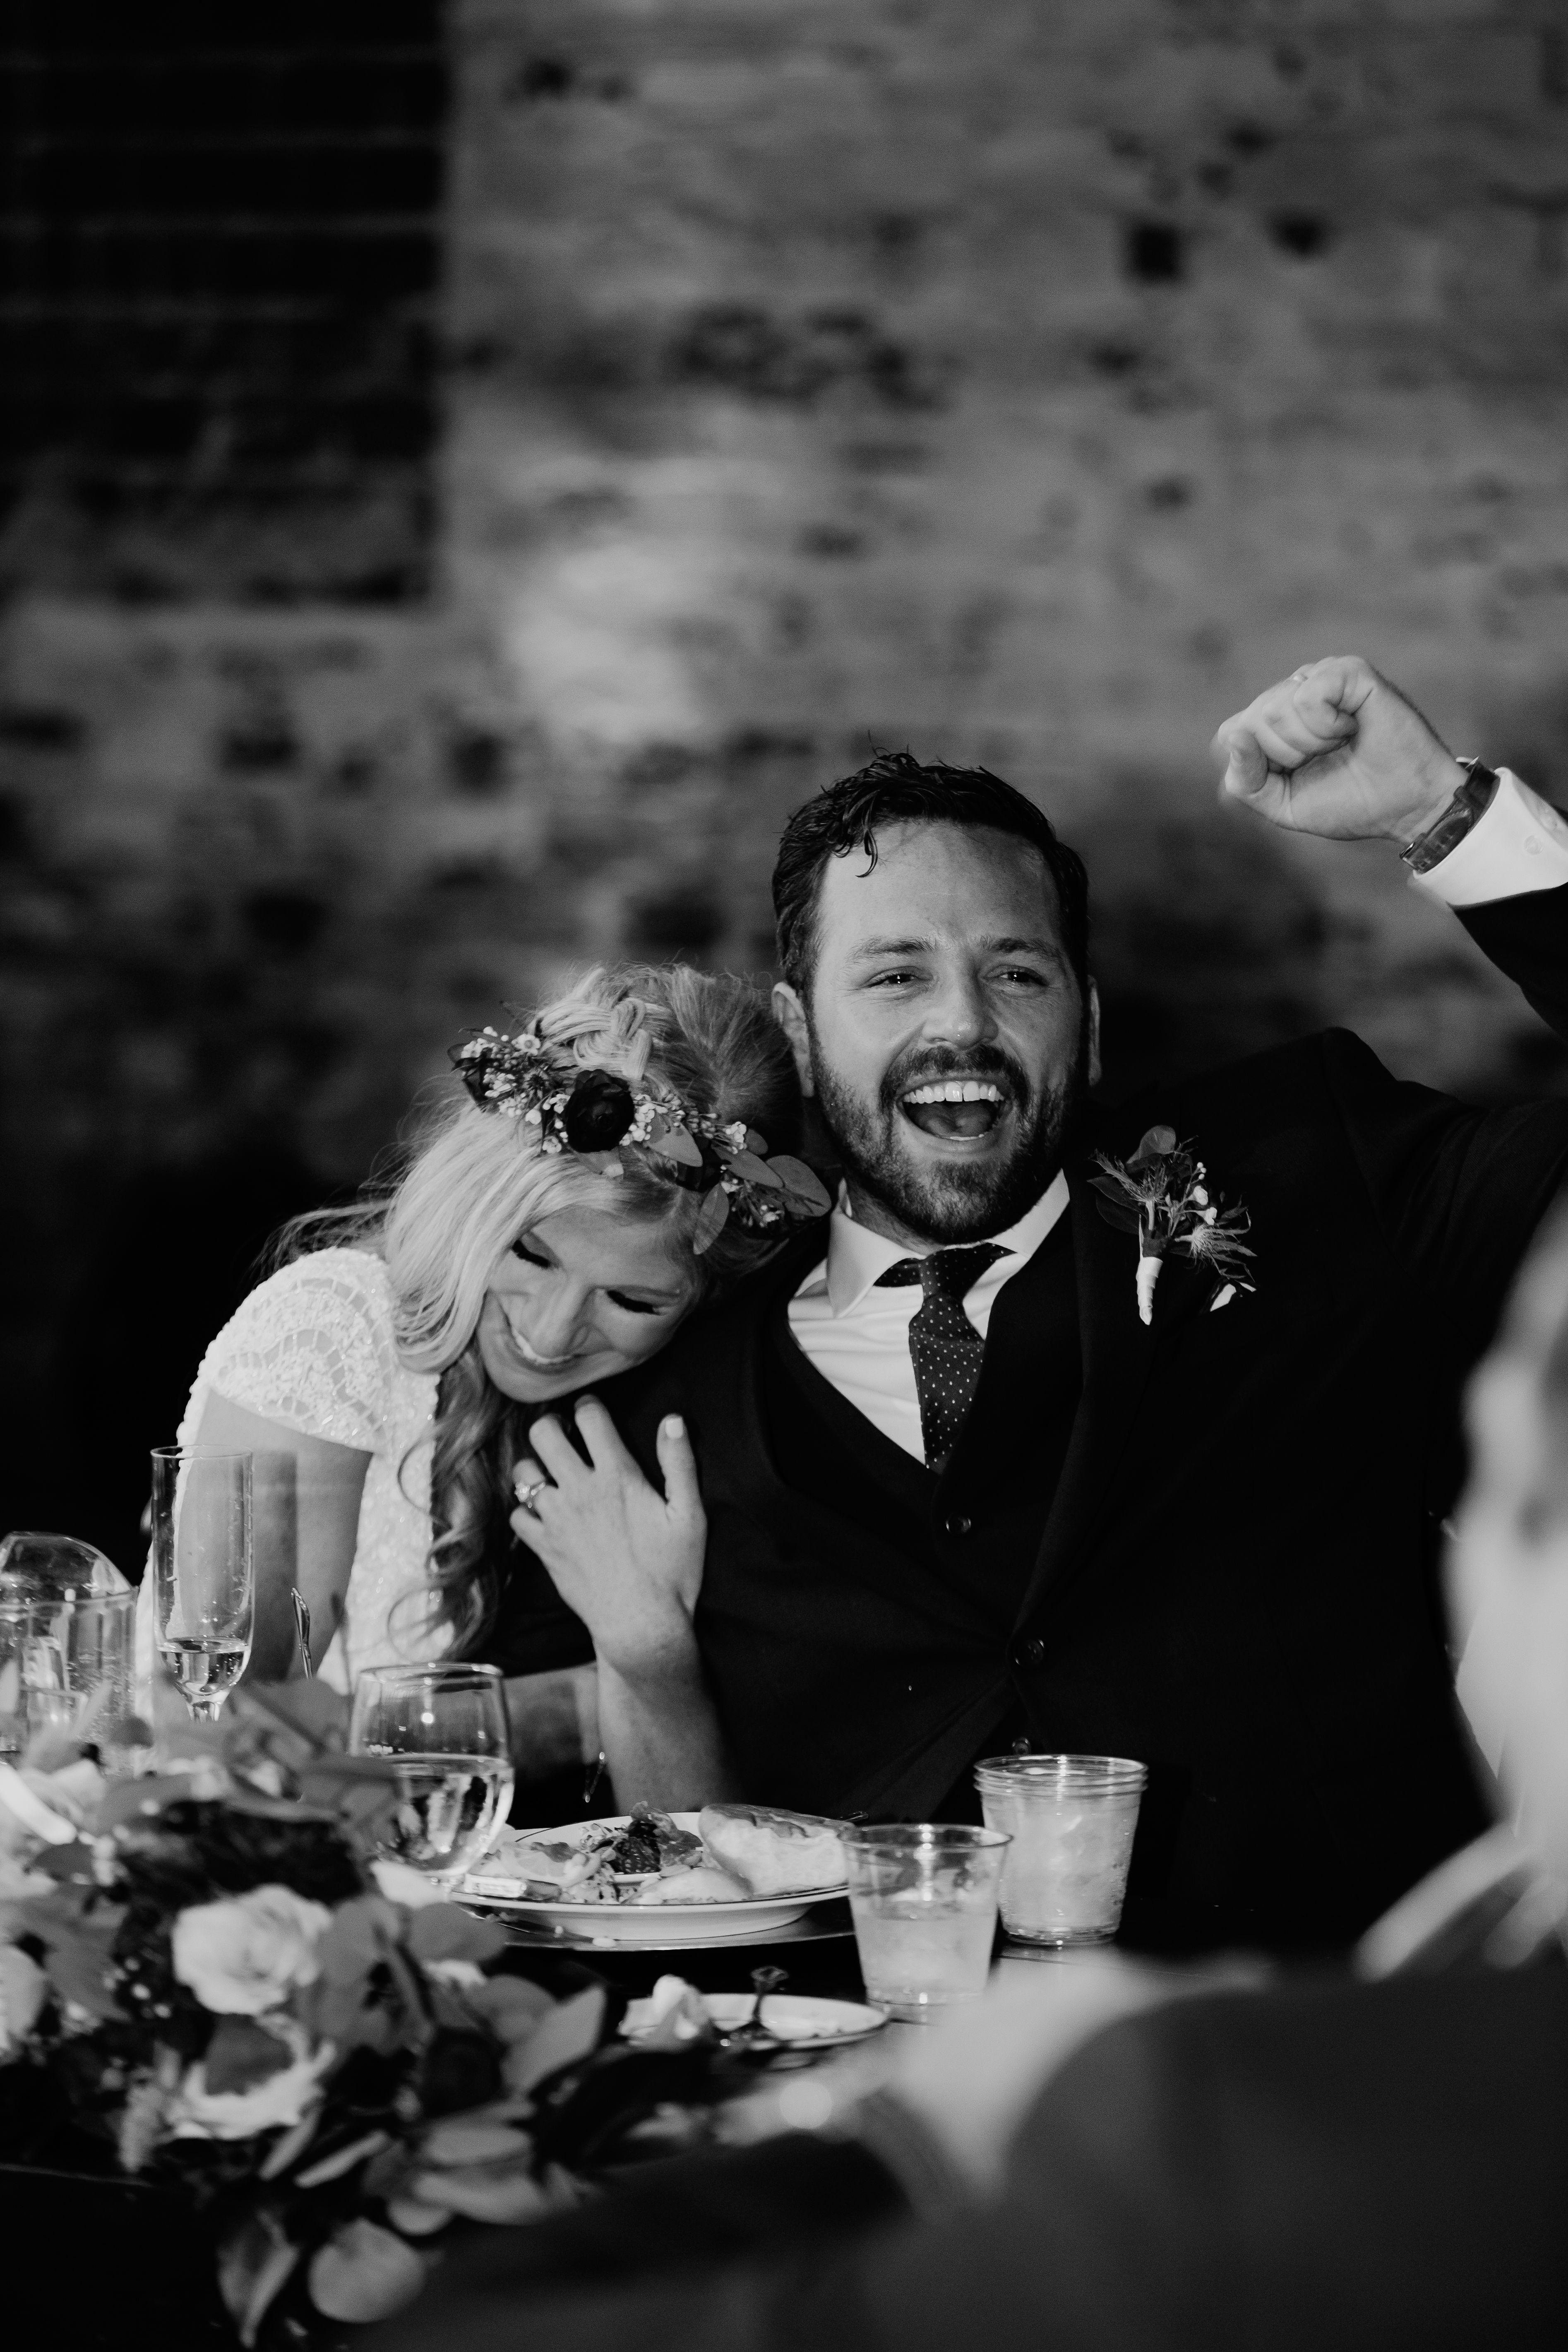 Indoor Wedding Reception At Rialto Theatre In Tampa Florida Bride And Groom Toasts